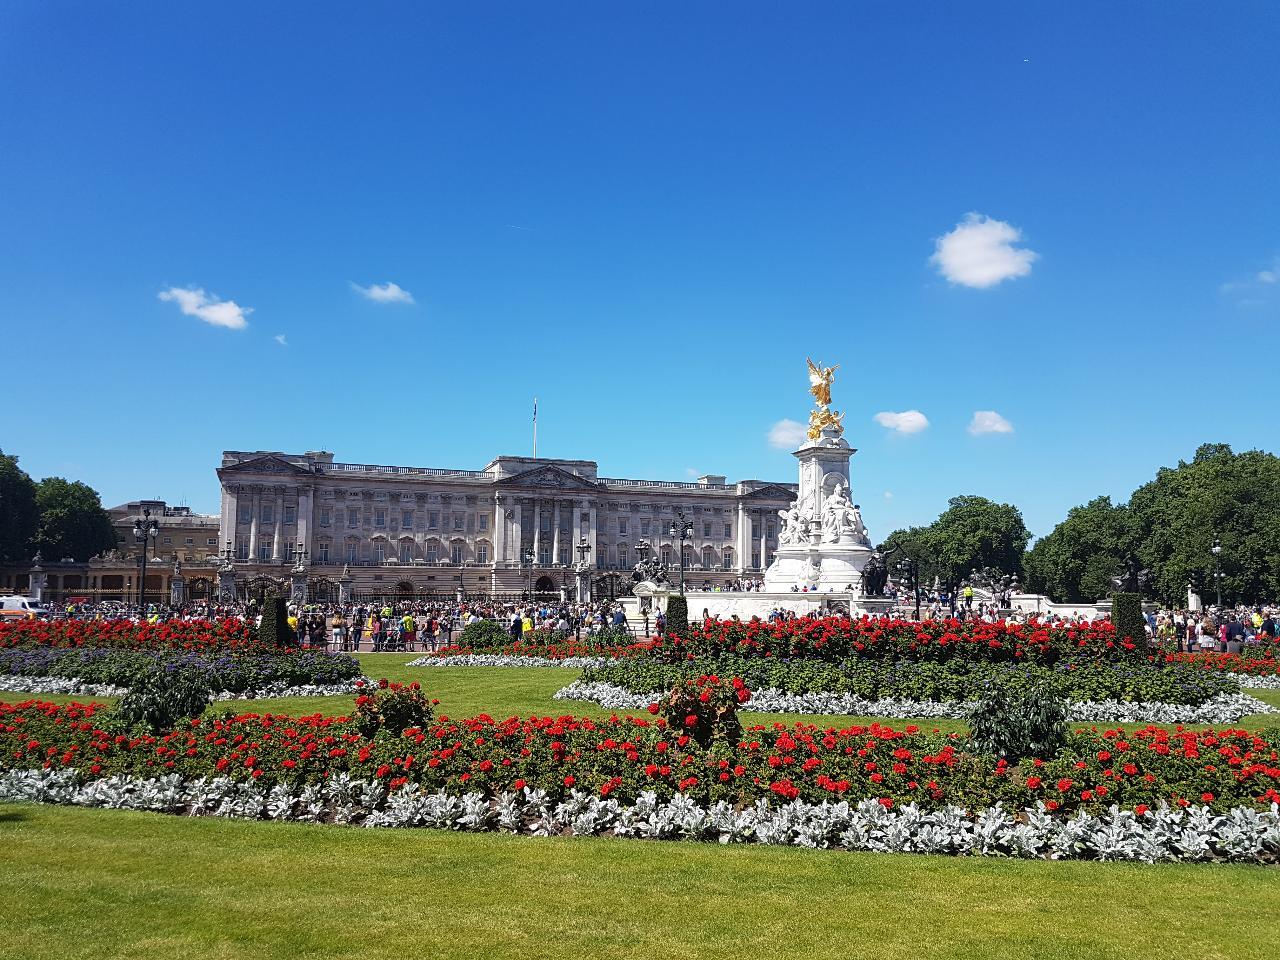 Palaces & Parliament Walking Tour